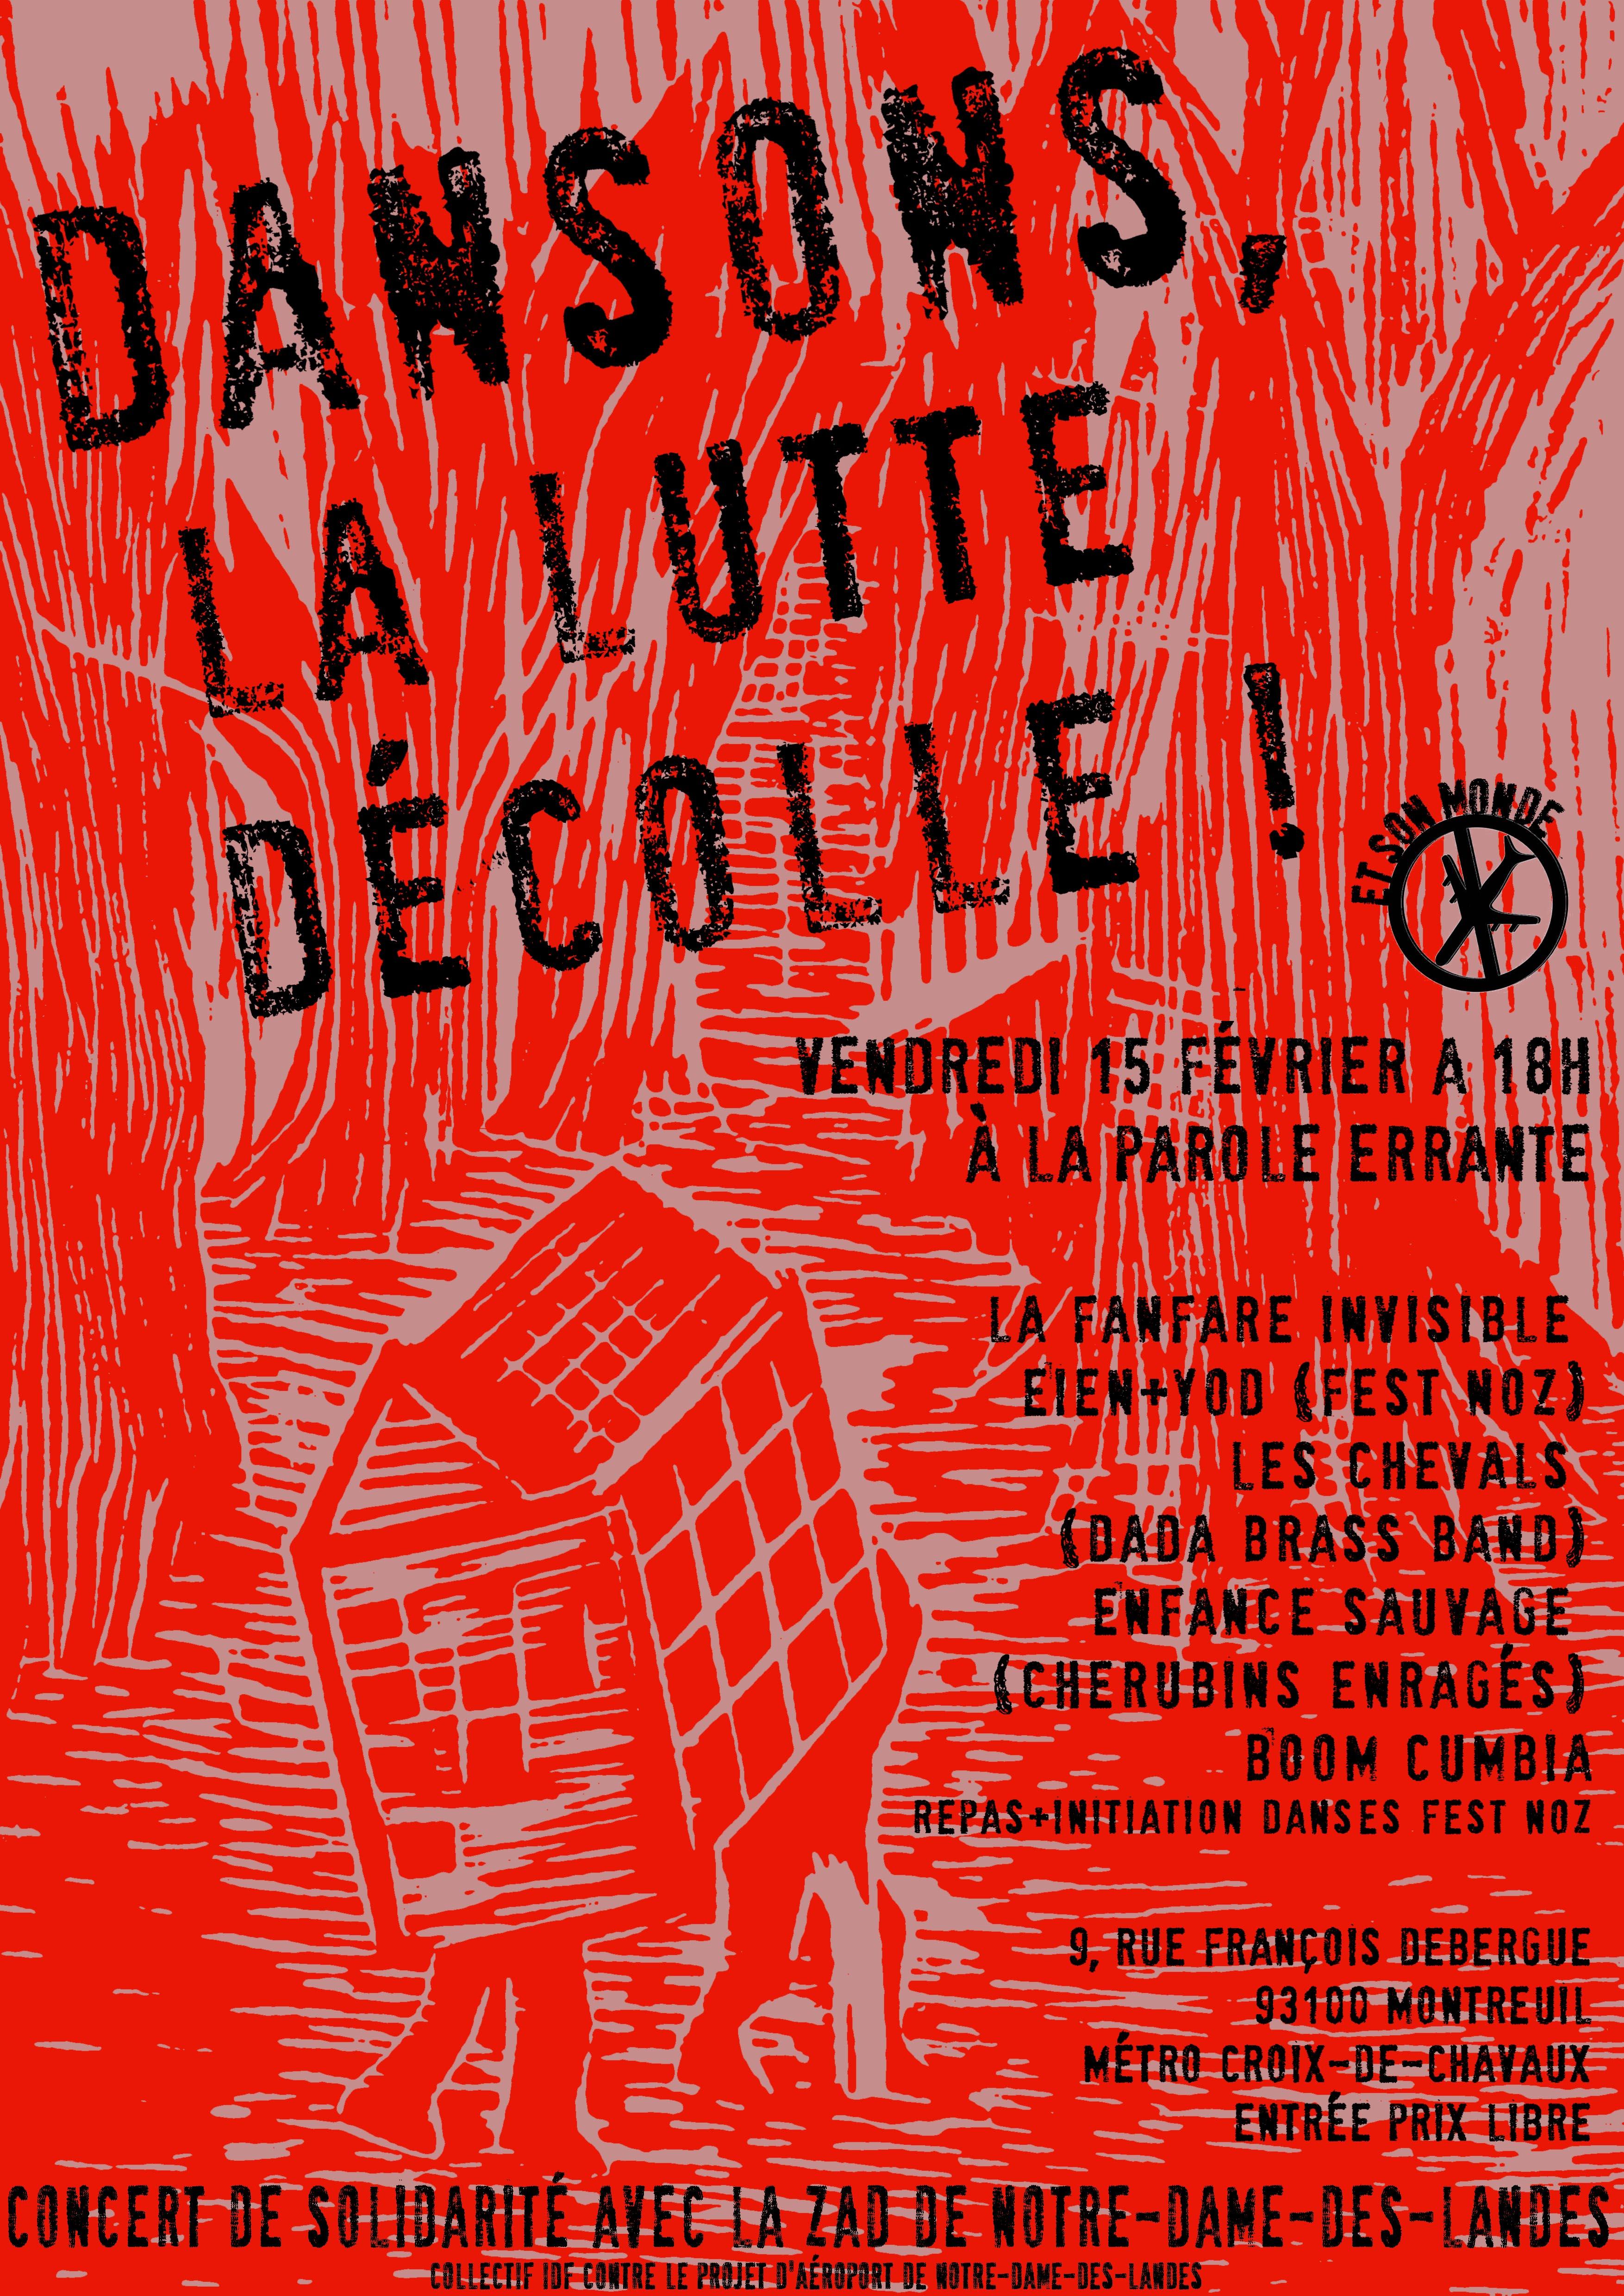 Dansons, la lutte décolle, concert de soutien à Notre-Dame-des-Landes